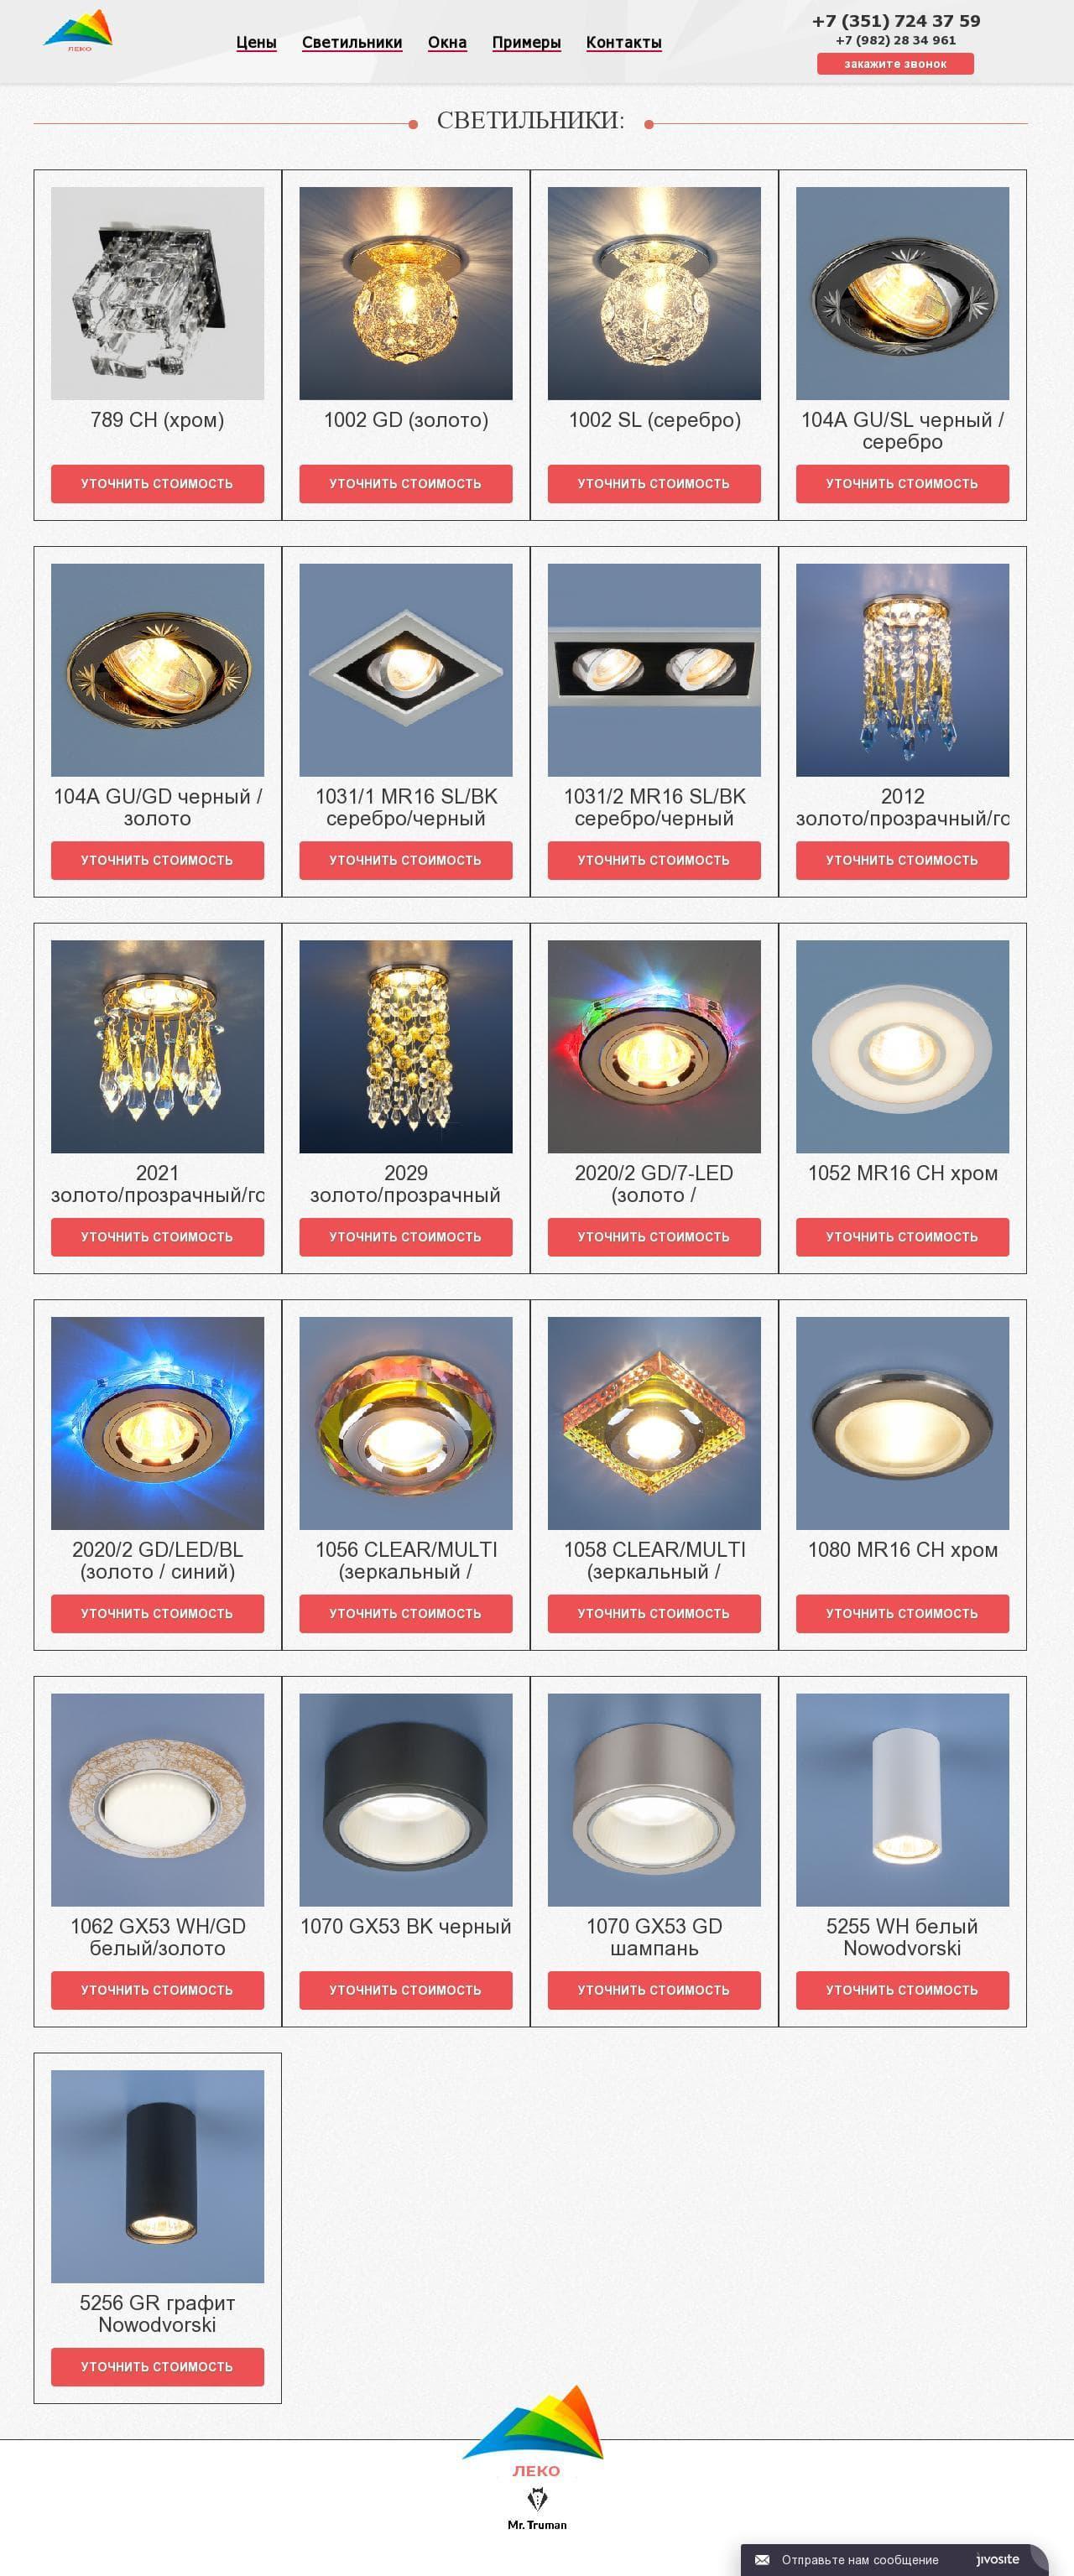 Раздел светильники